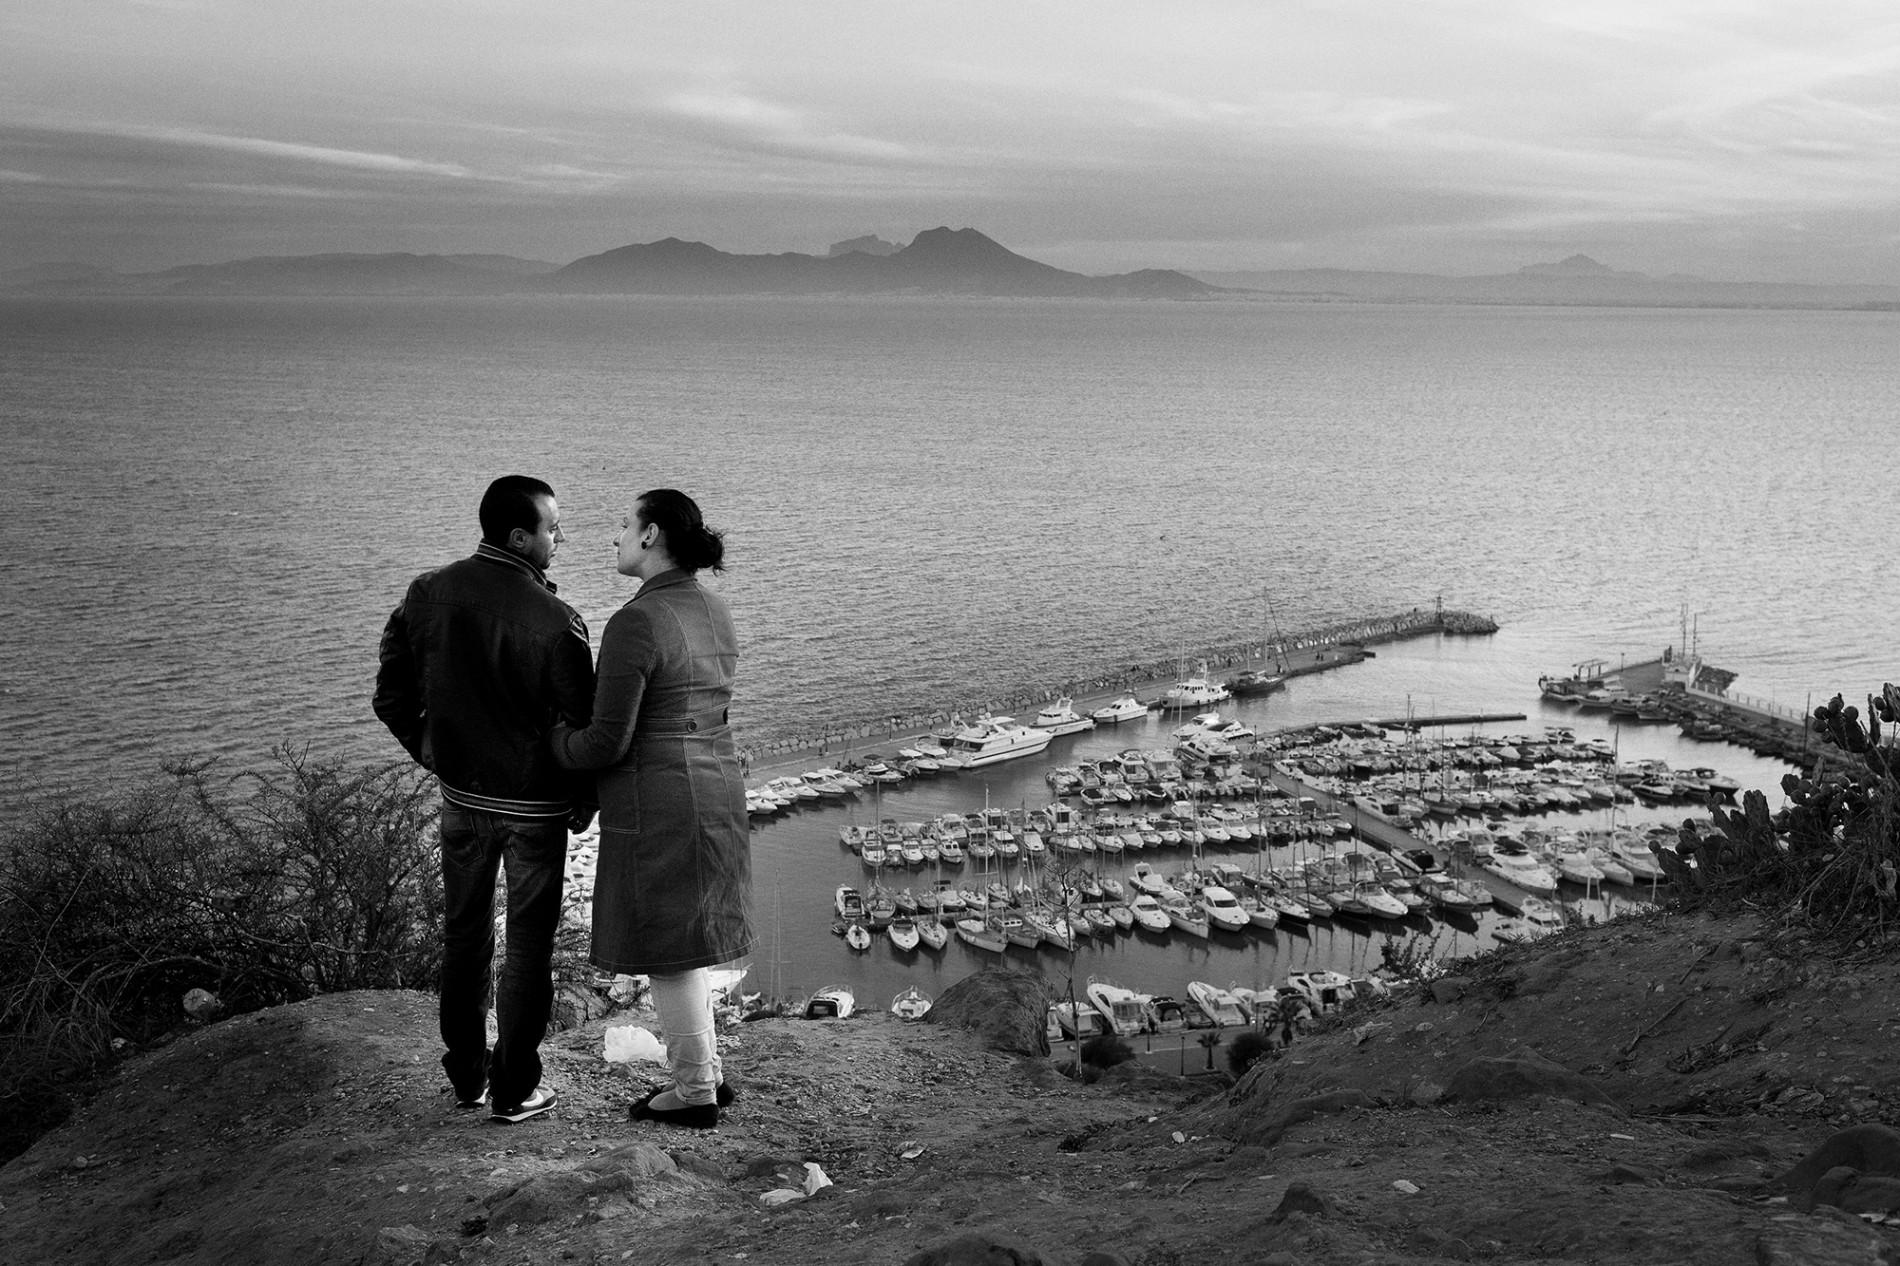 Post-Revolution Tunisia by Tom Szustek